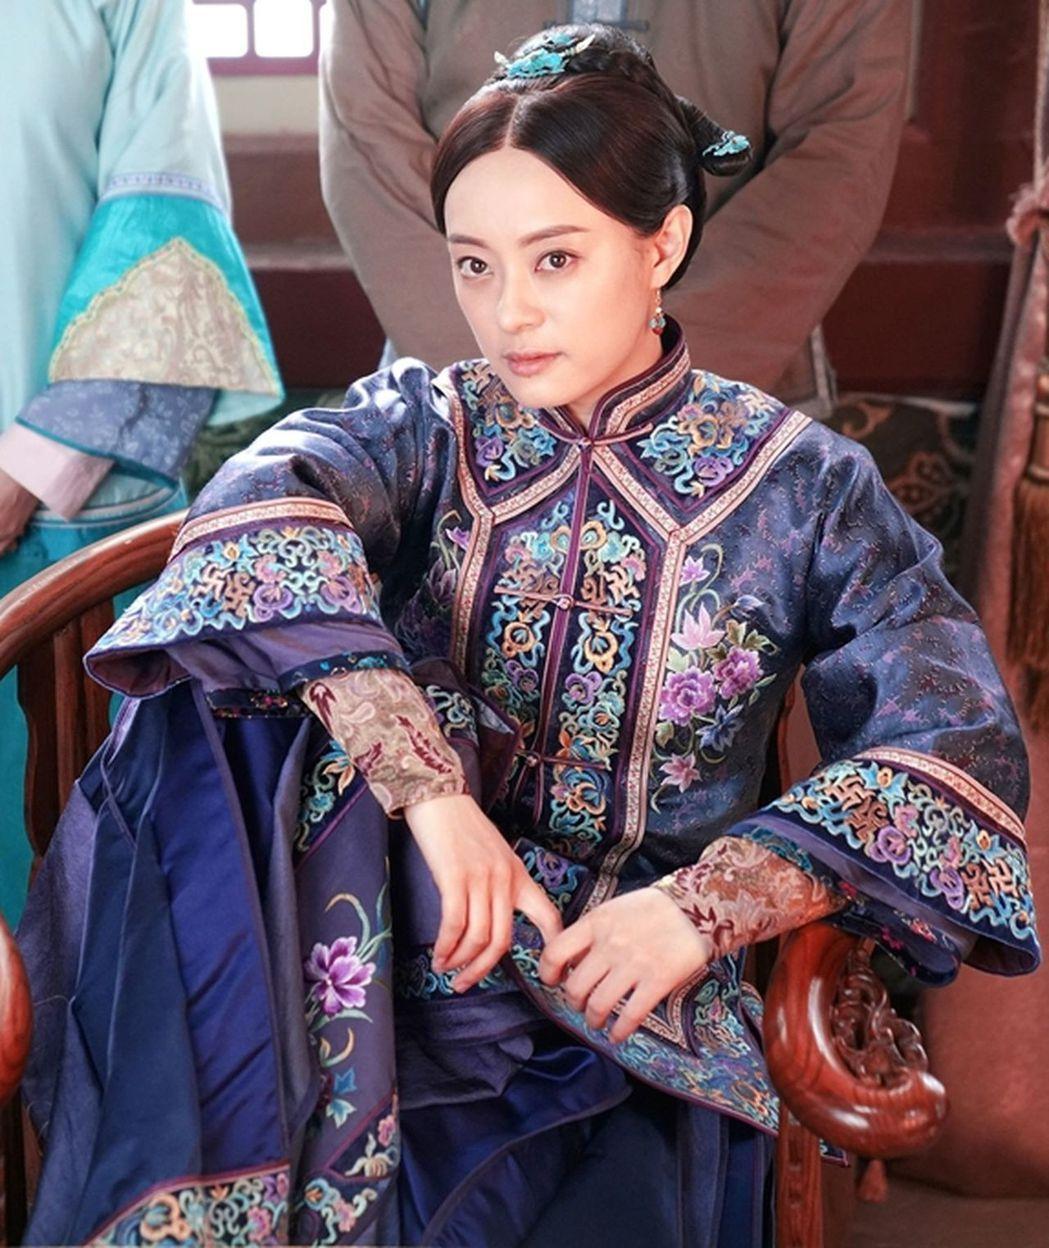 北京、上海女性喜歡被稱讚有品位、工作能力強。圖為大陸藝人孫儷。 圖/取材自微博